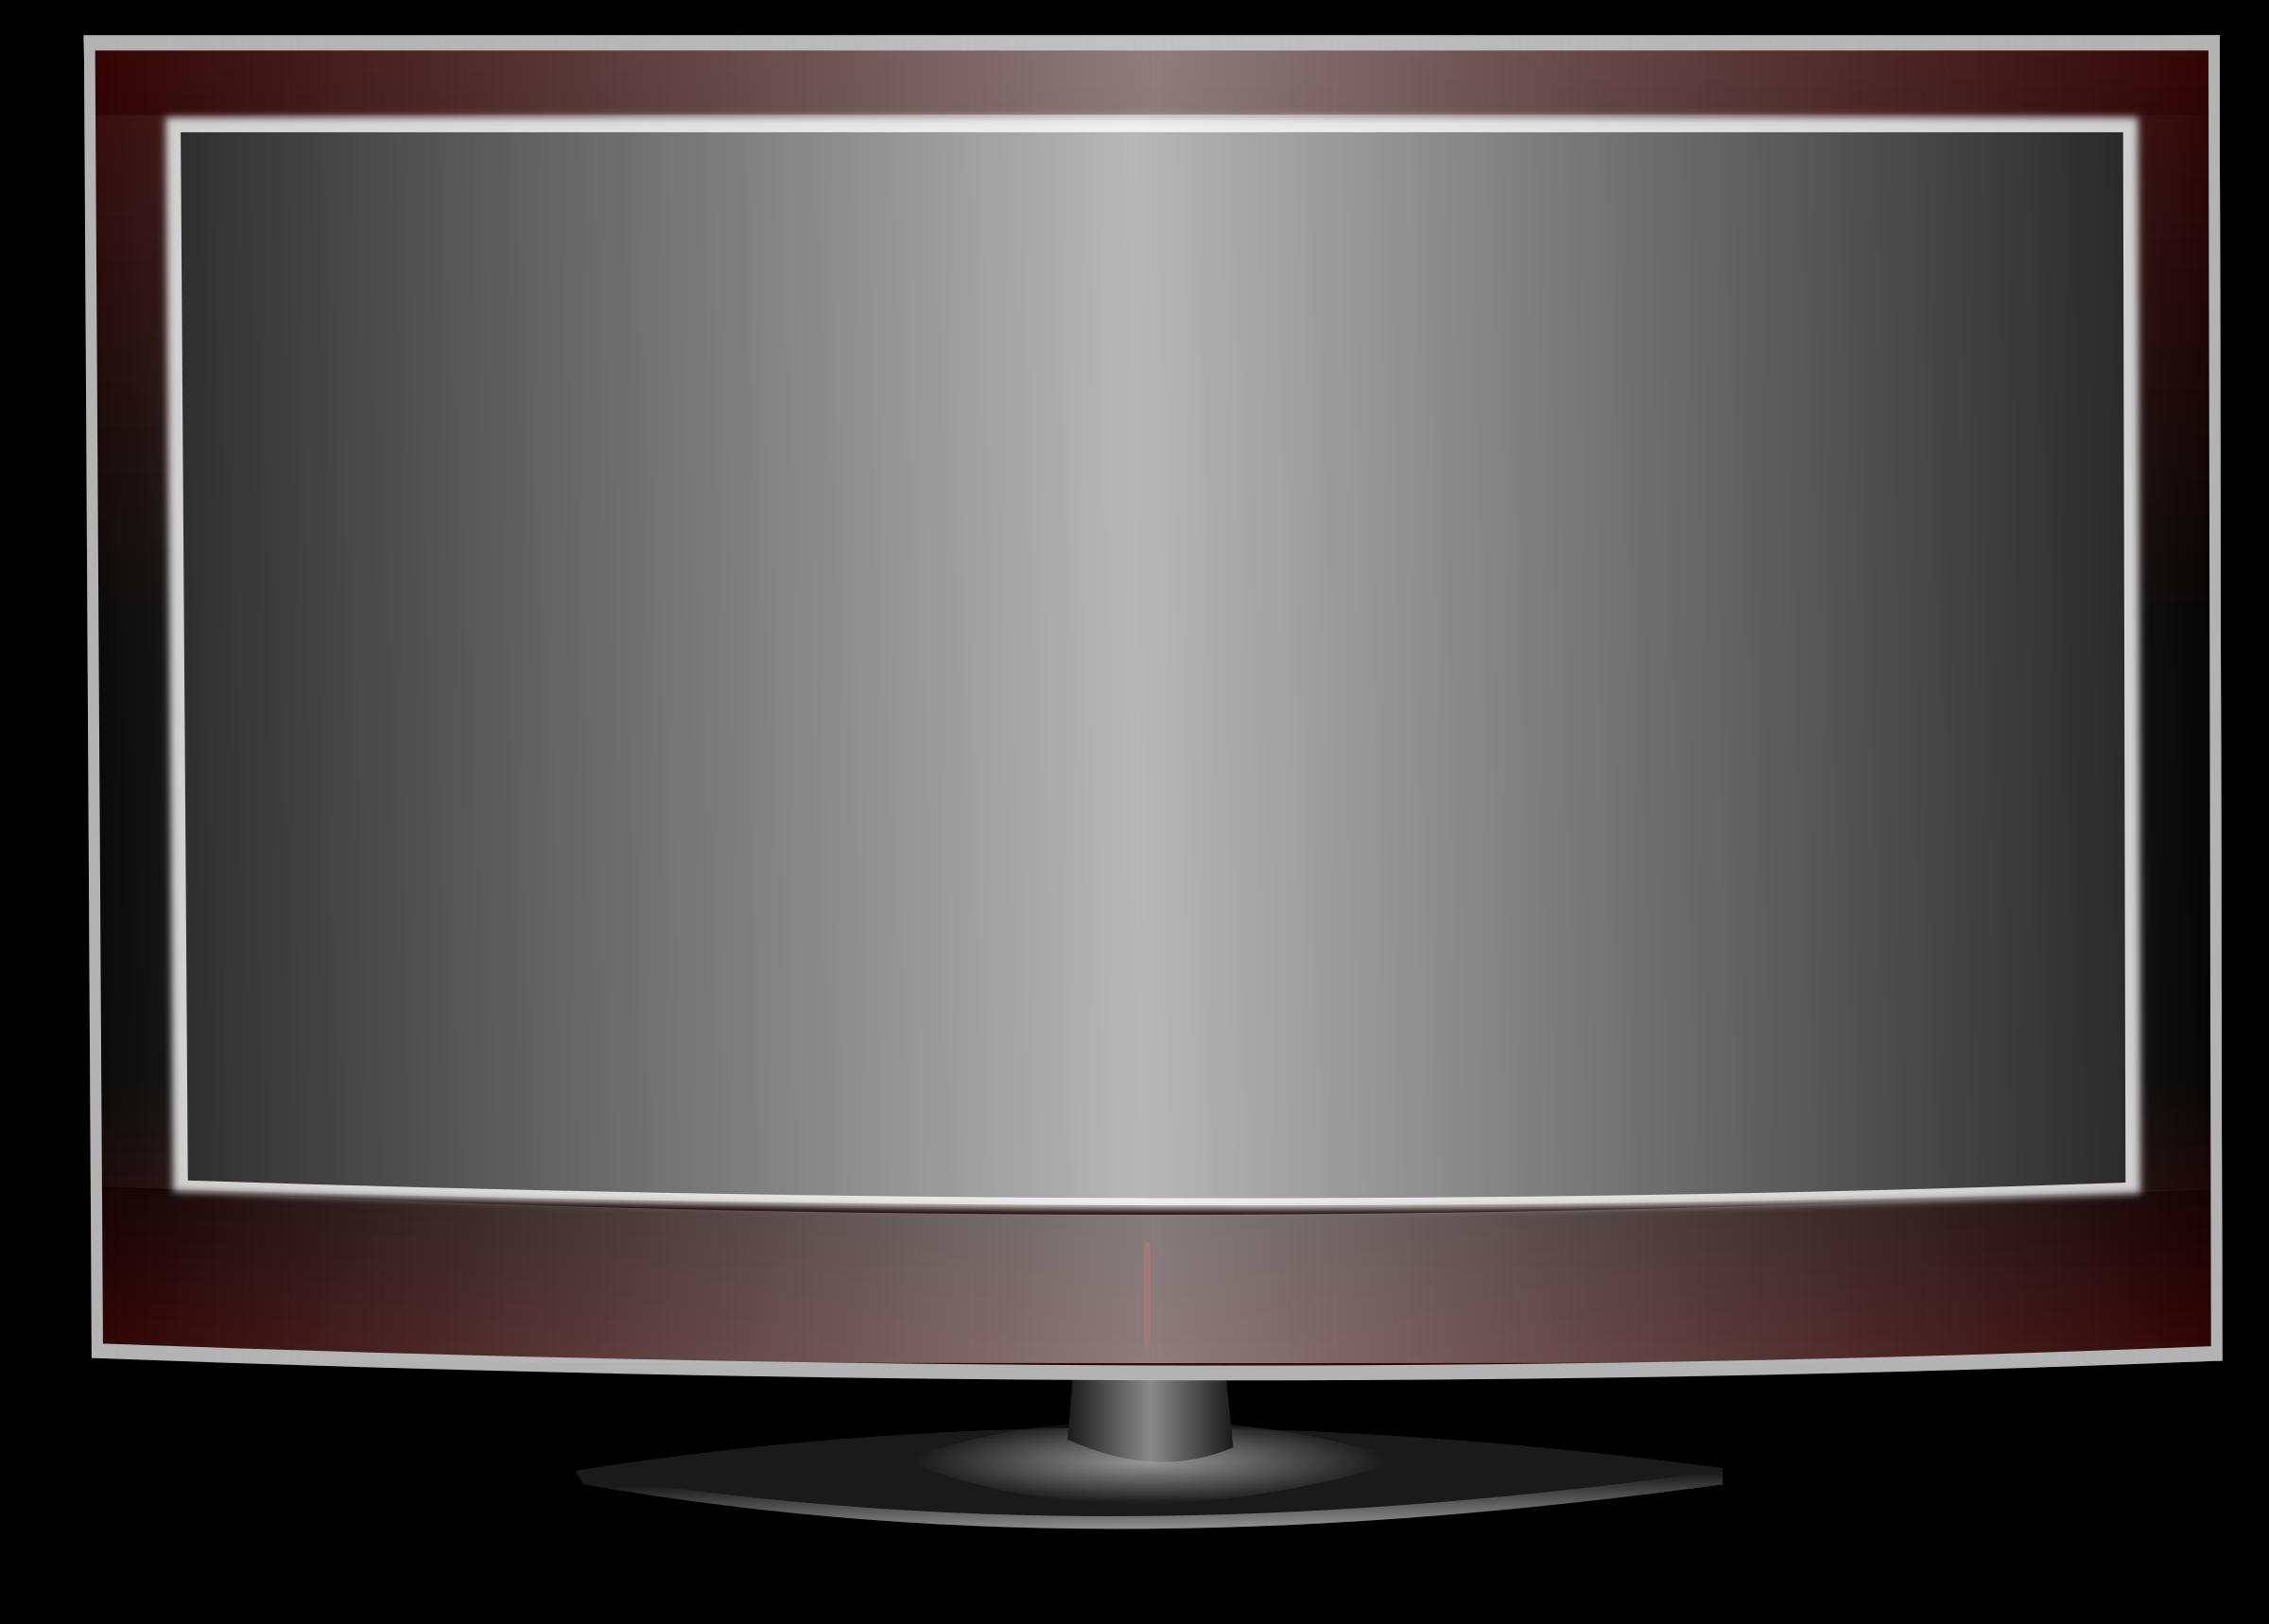 Телевизор картинка экрана